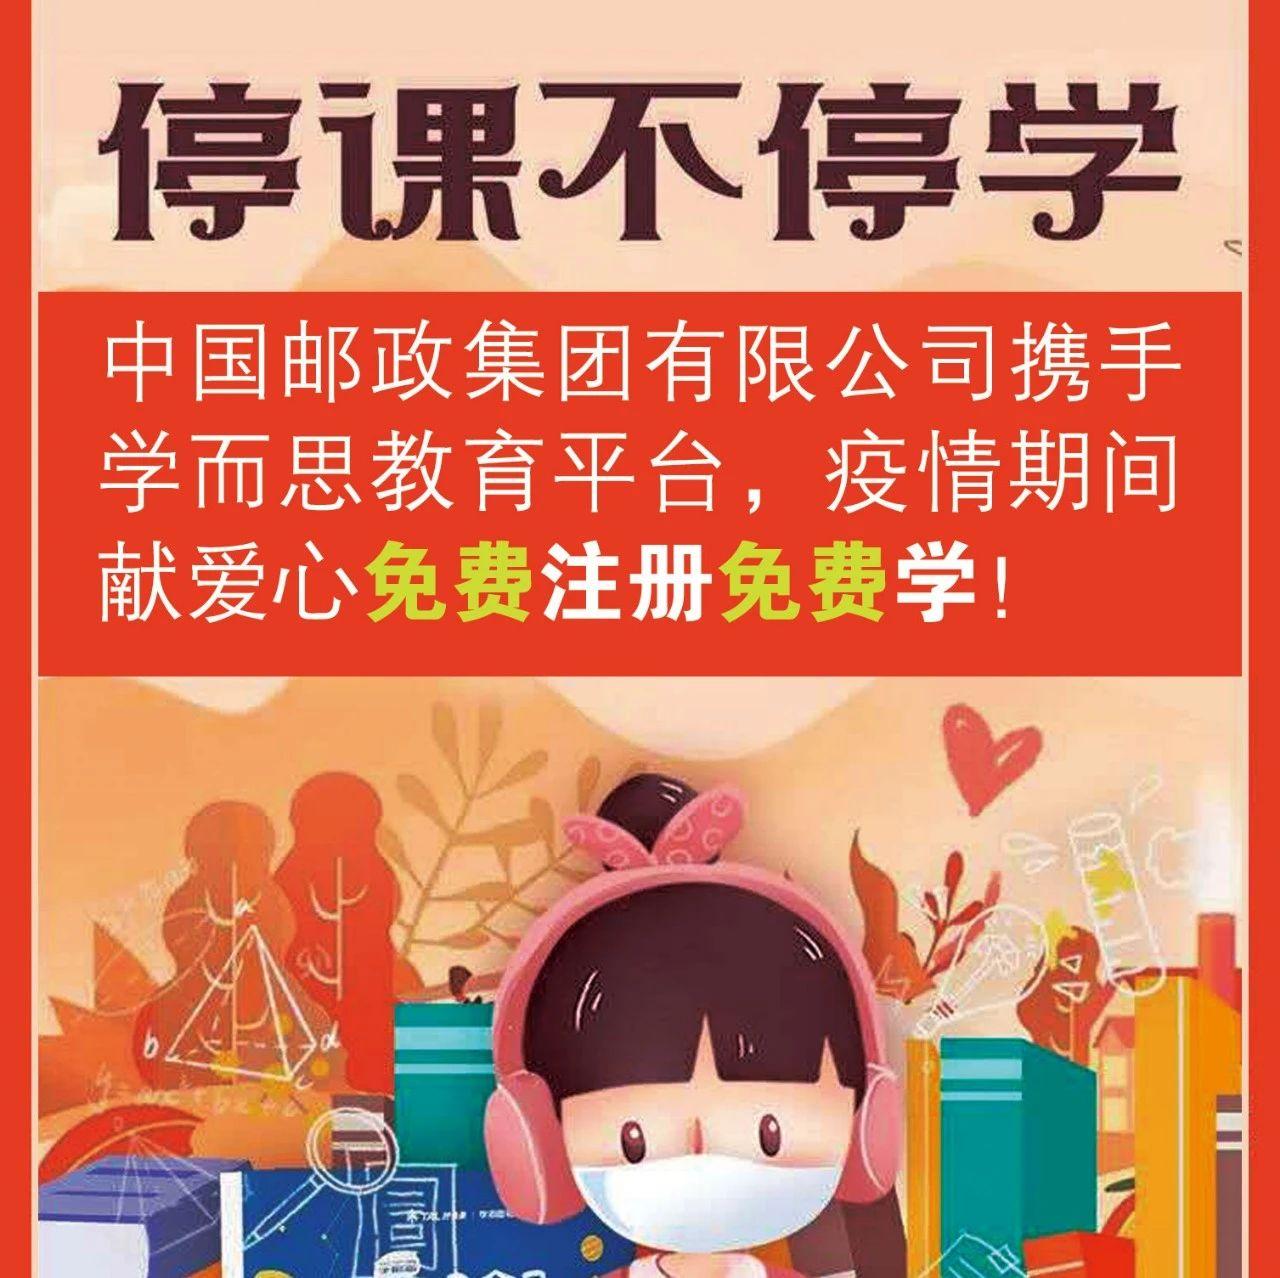 中国邮政集团有限公司携手学而思教育平台:免费注册免费学